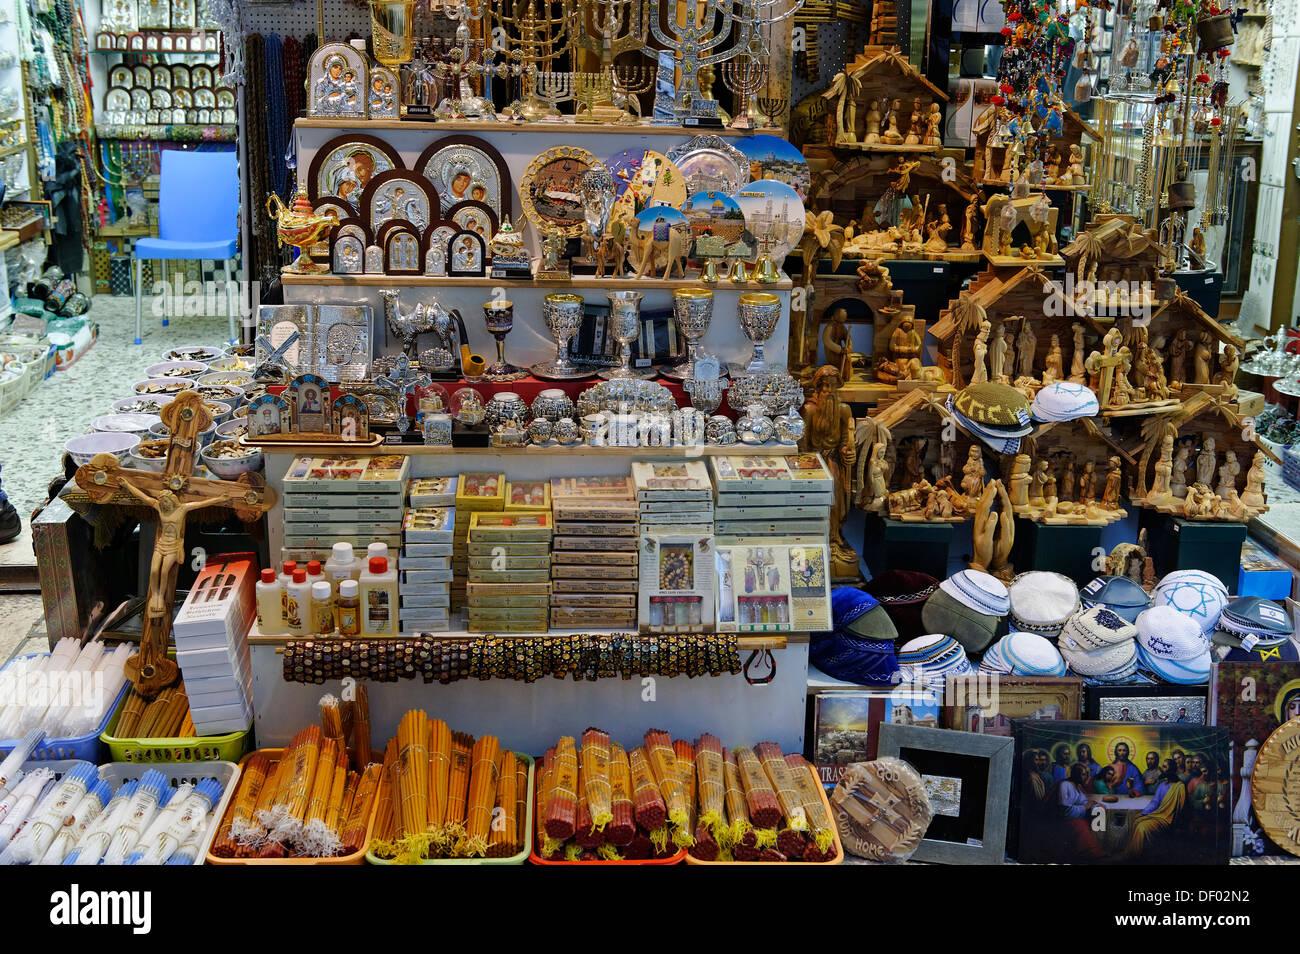 Via Dolorosa, religious memorabilia, souvenirs, Bazar, Souk, old town, Jerusalem, Israel, Middle East, Asia - Stock Image